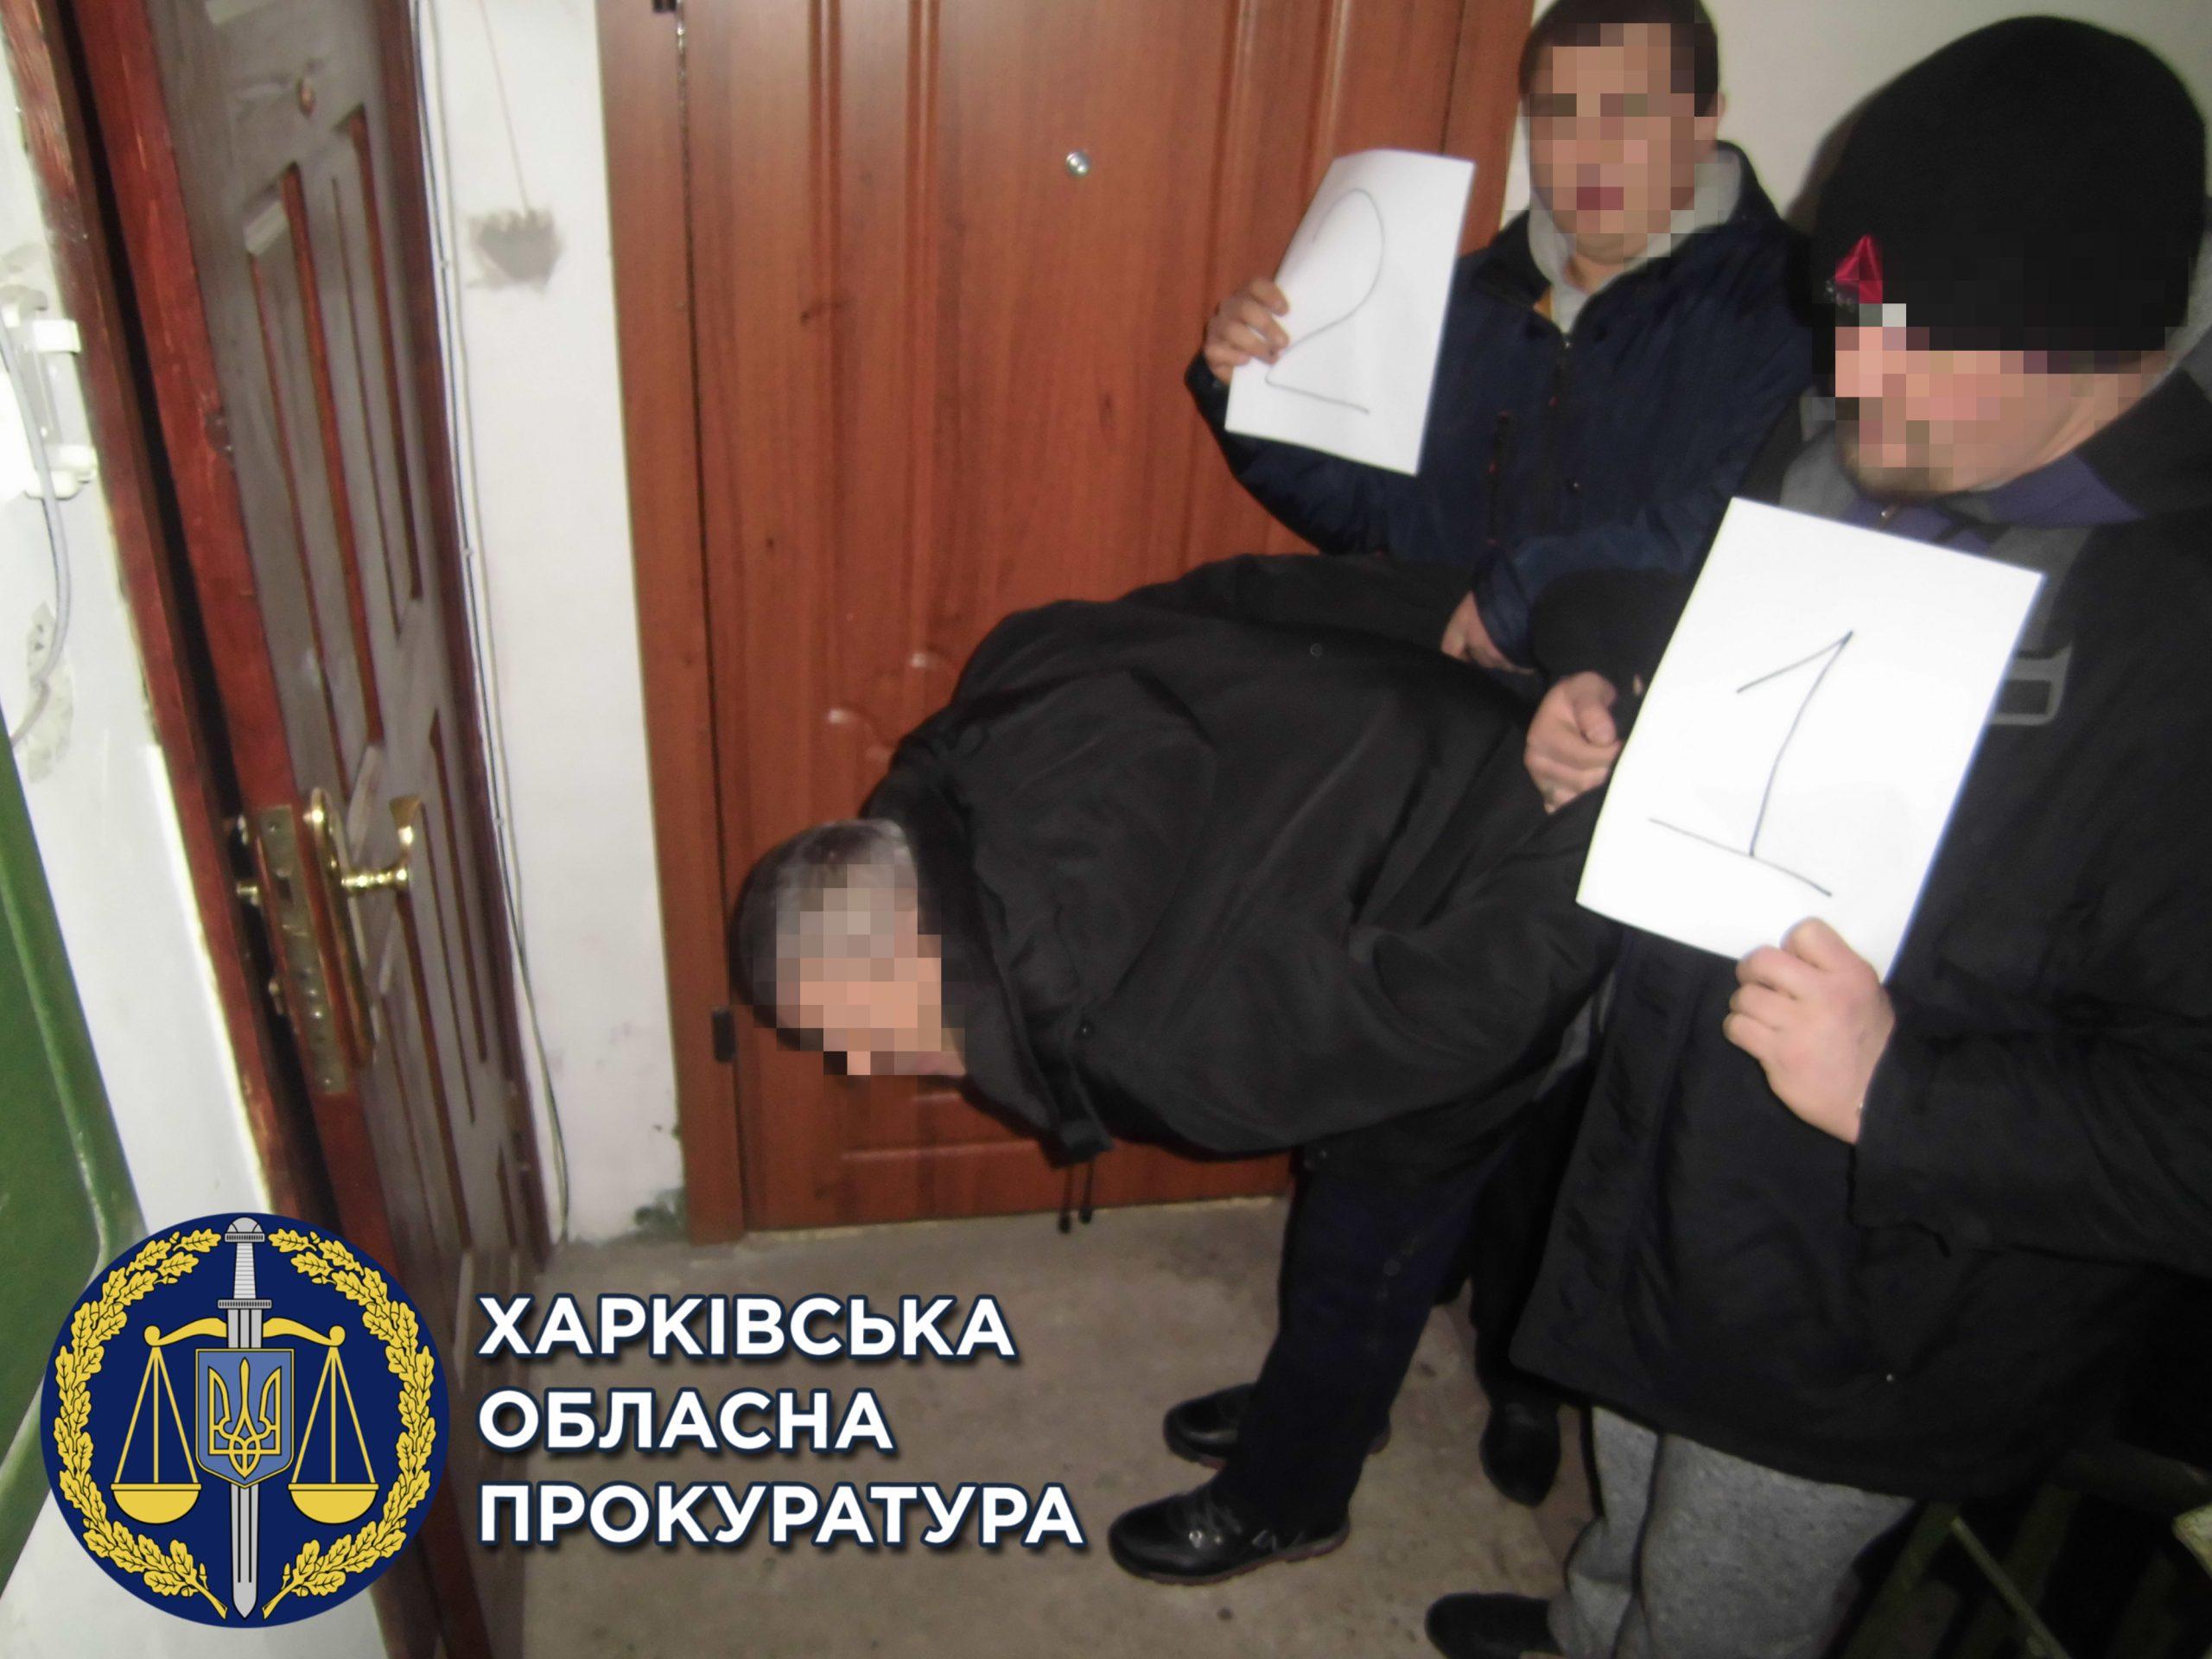 В Украине судили 2 полицейских - они украли у вора 42 млн. грн. 1